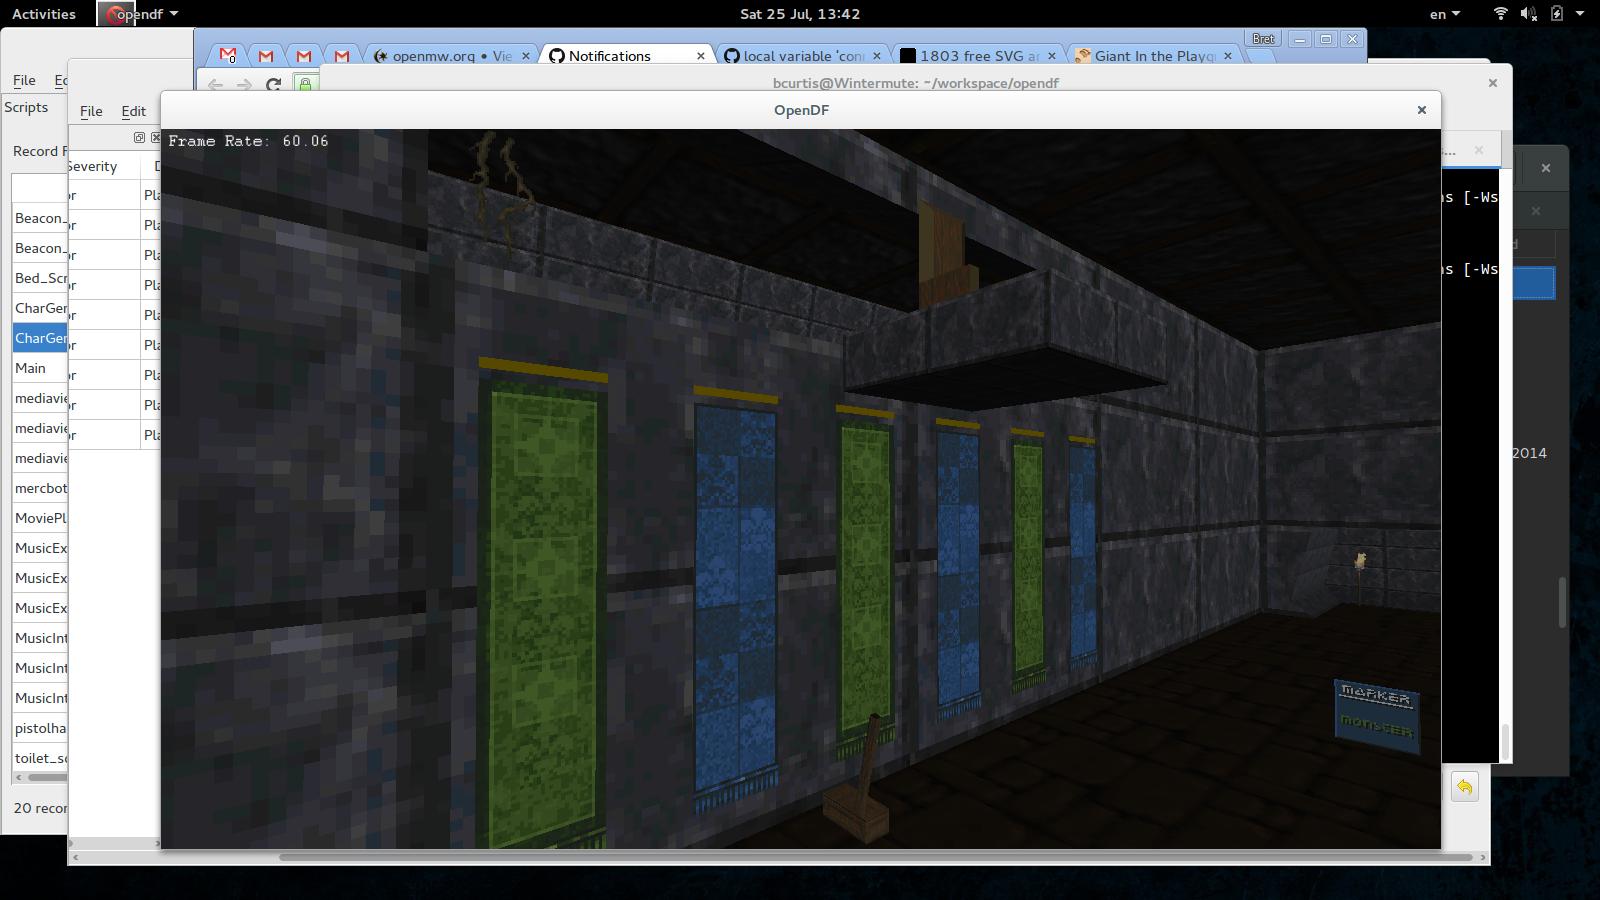 Image of OpenDF in Buccaneer's Den